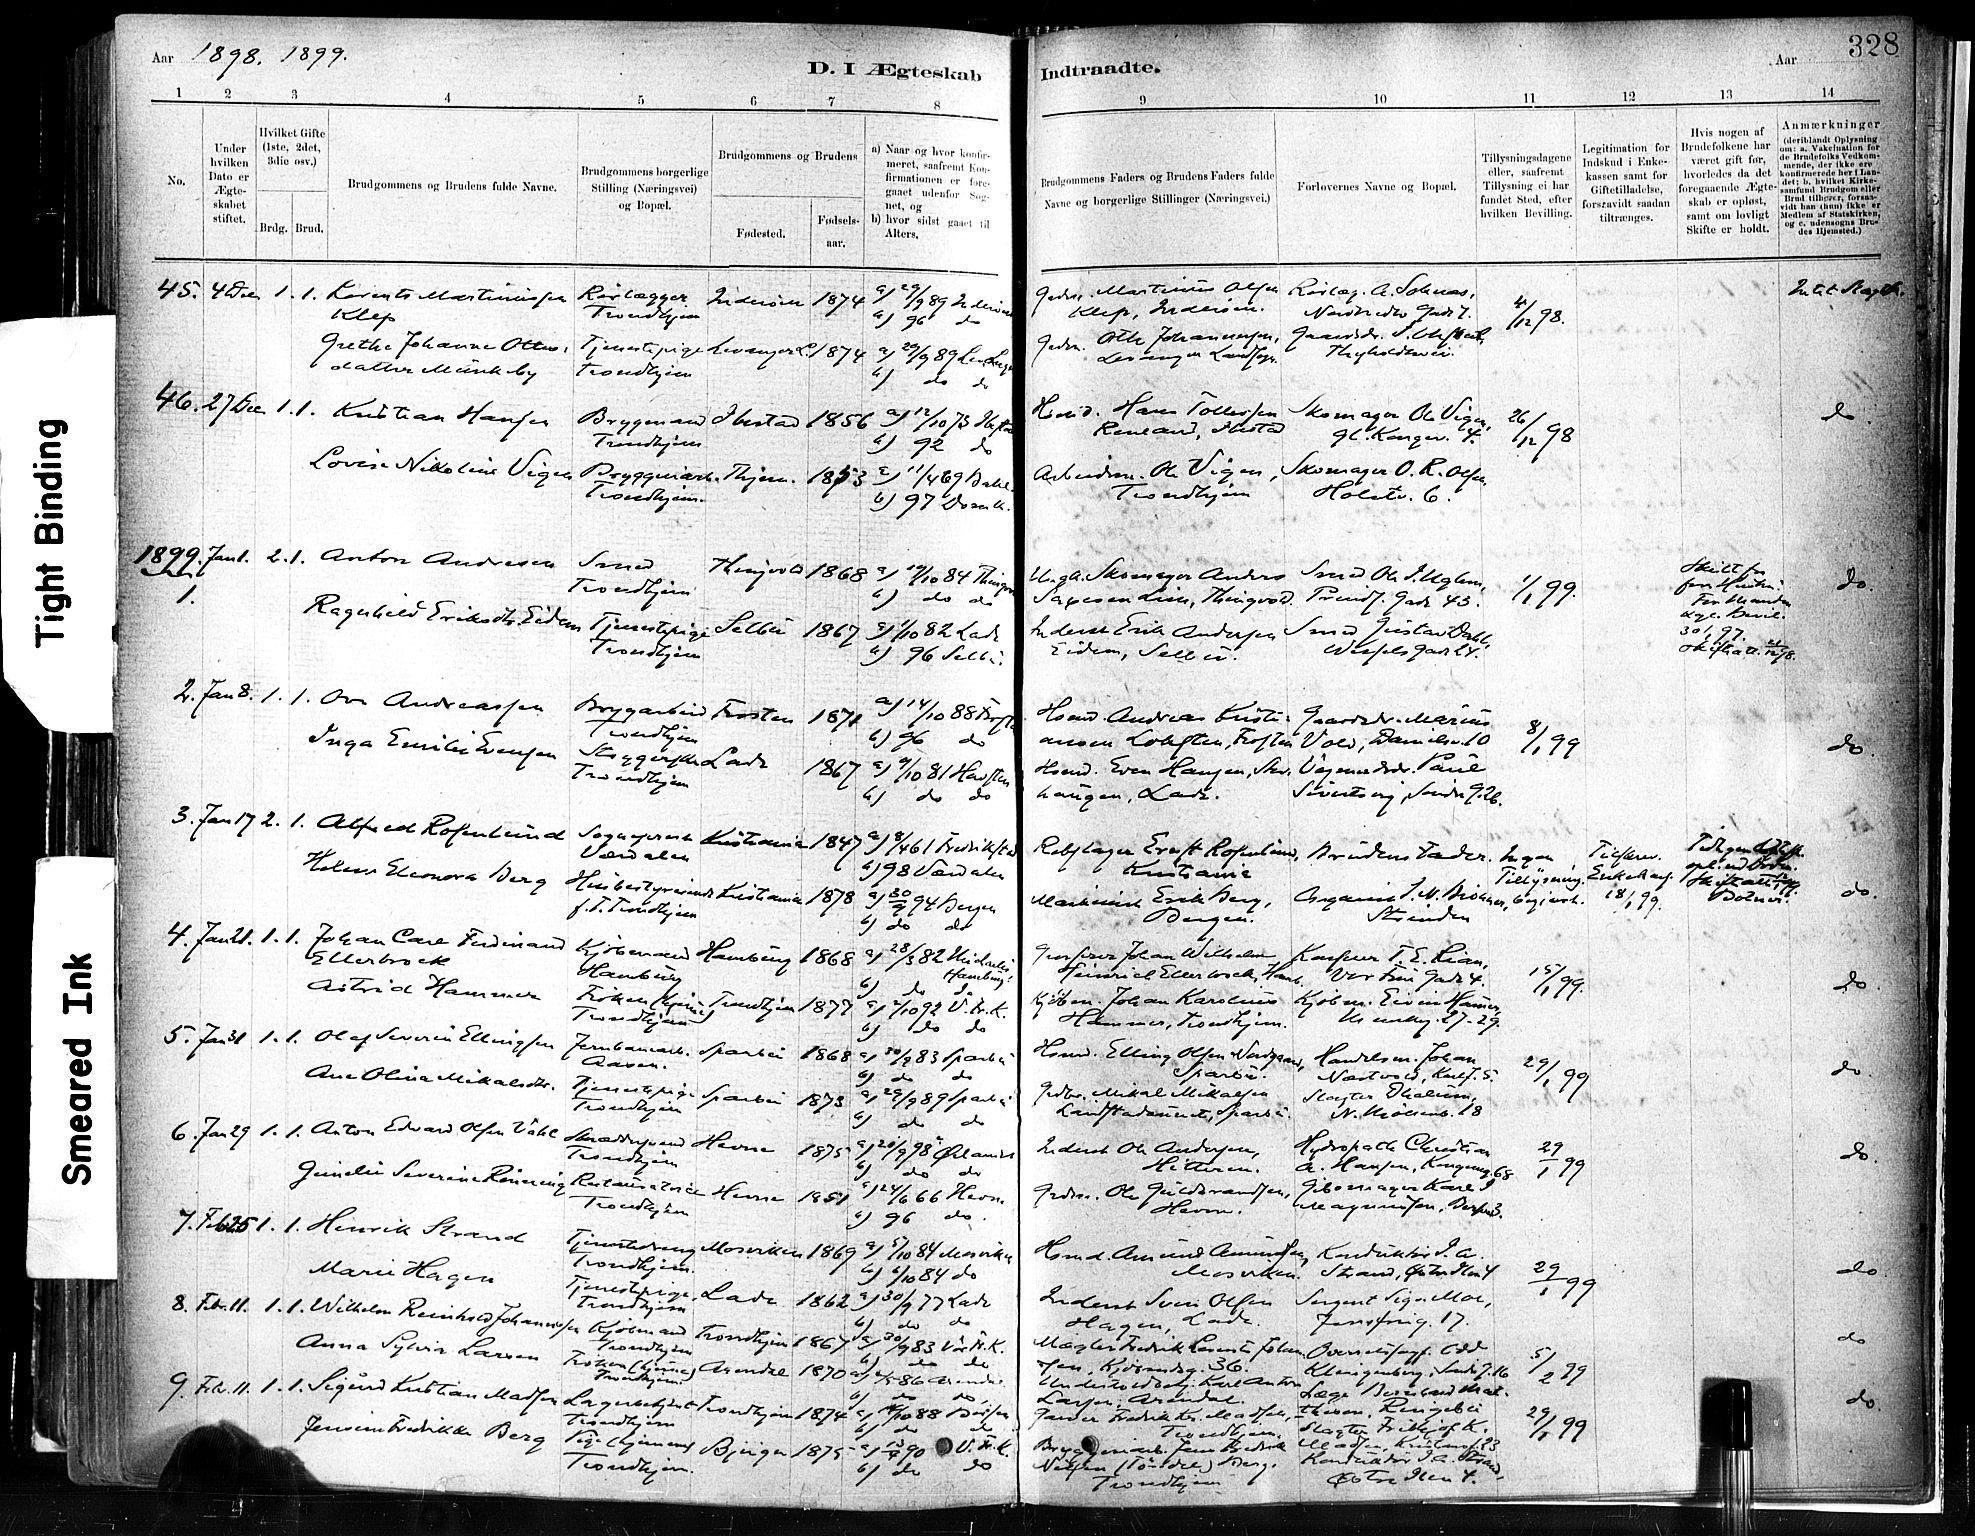 SAT, Ministerialprotokoller, klokkerbøker og fødselsregistre - Sør-Trøndelag, 602/L0119: Ministerialbok nr. 602A17, 1880-1901, s. 328